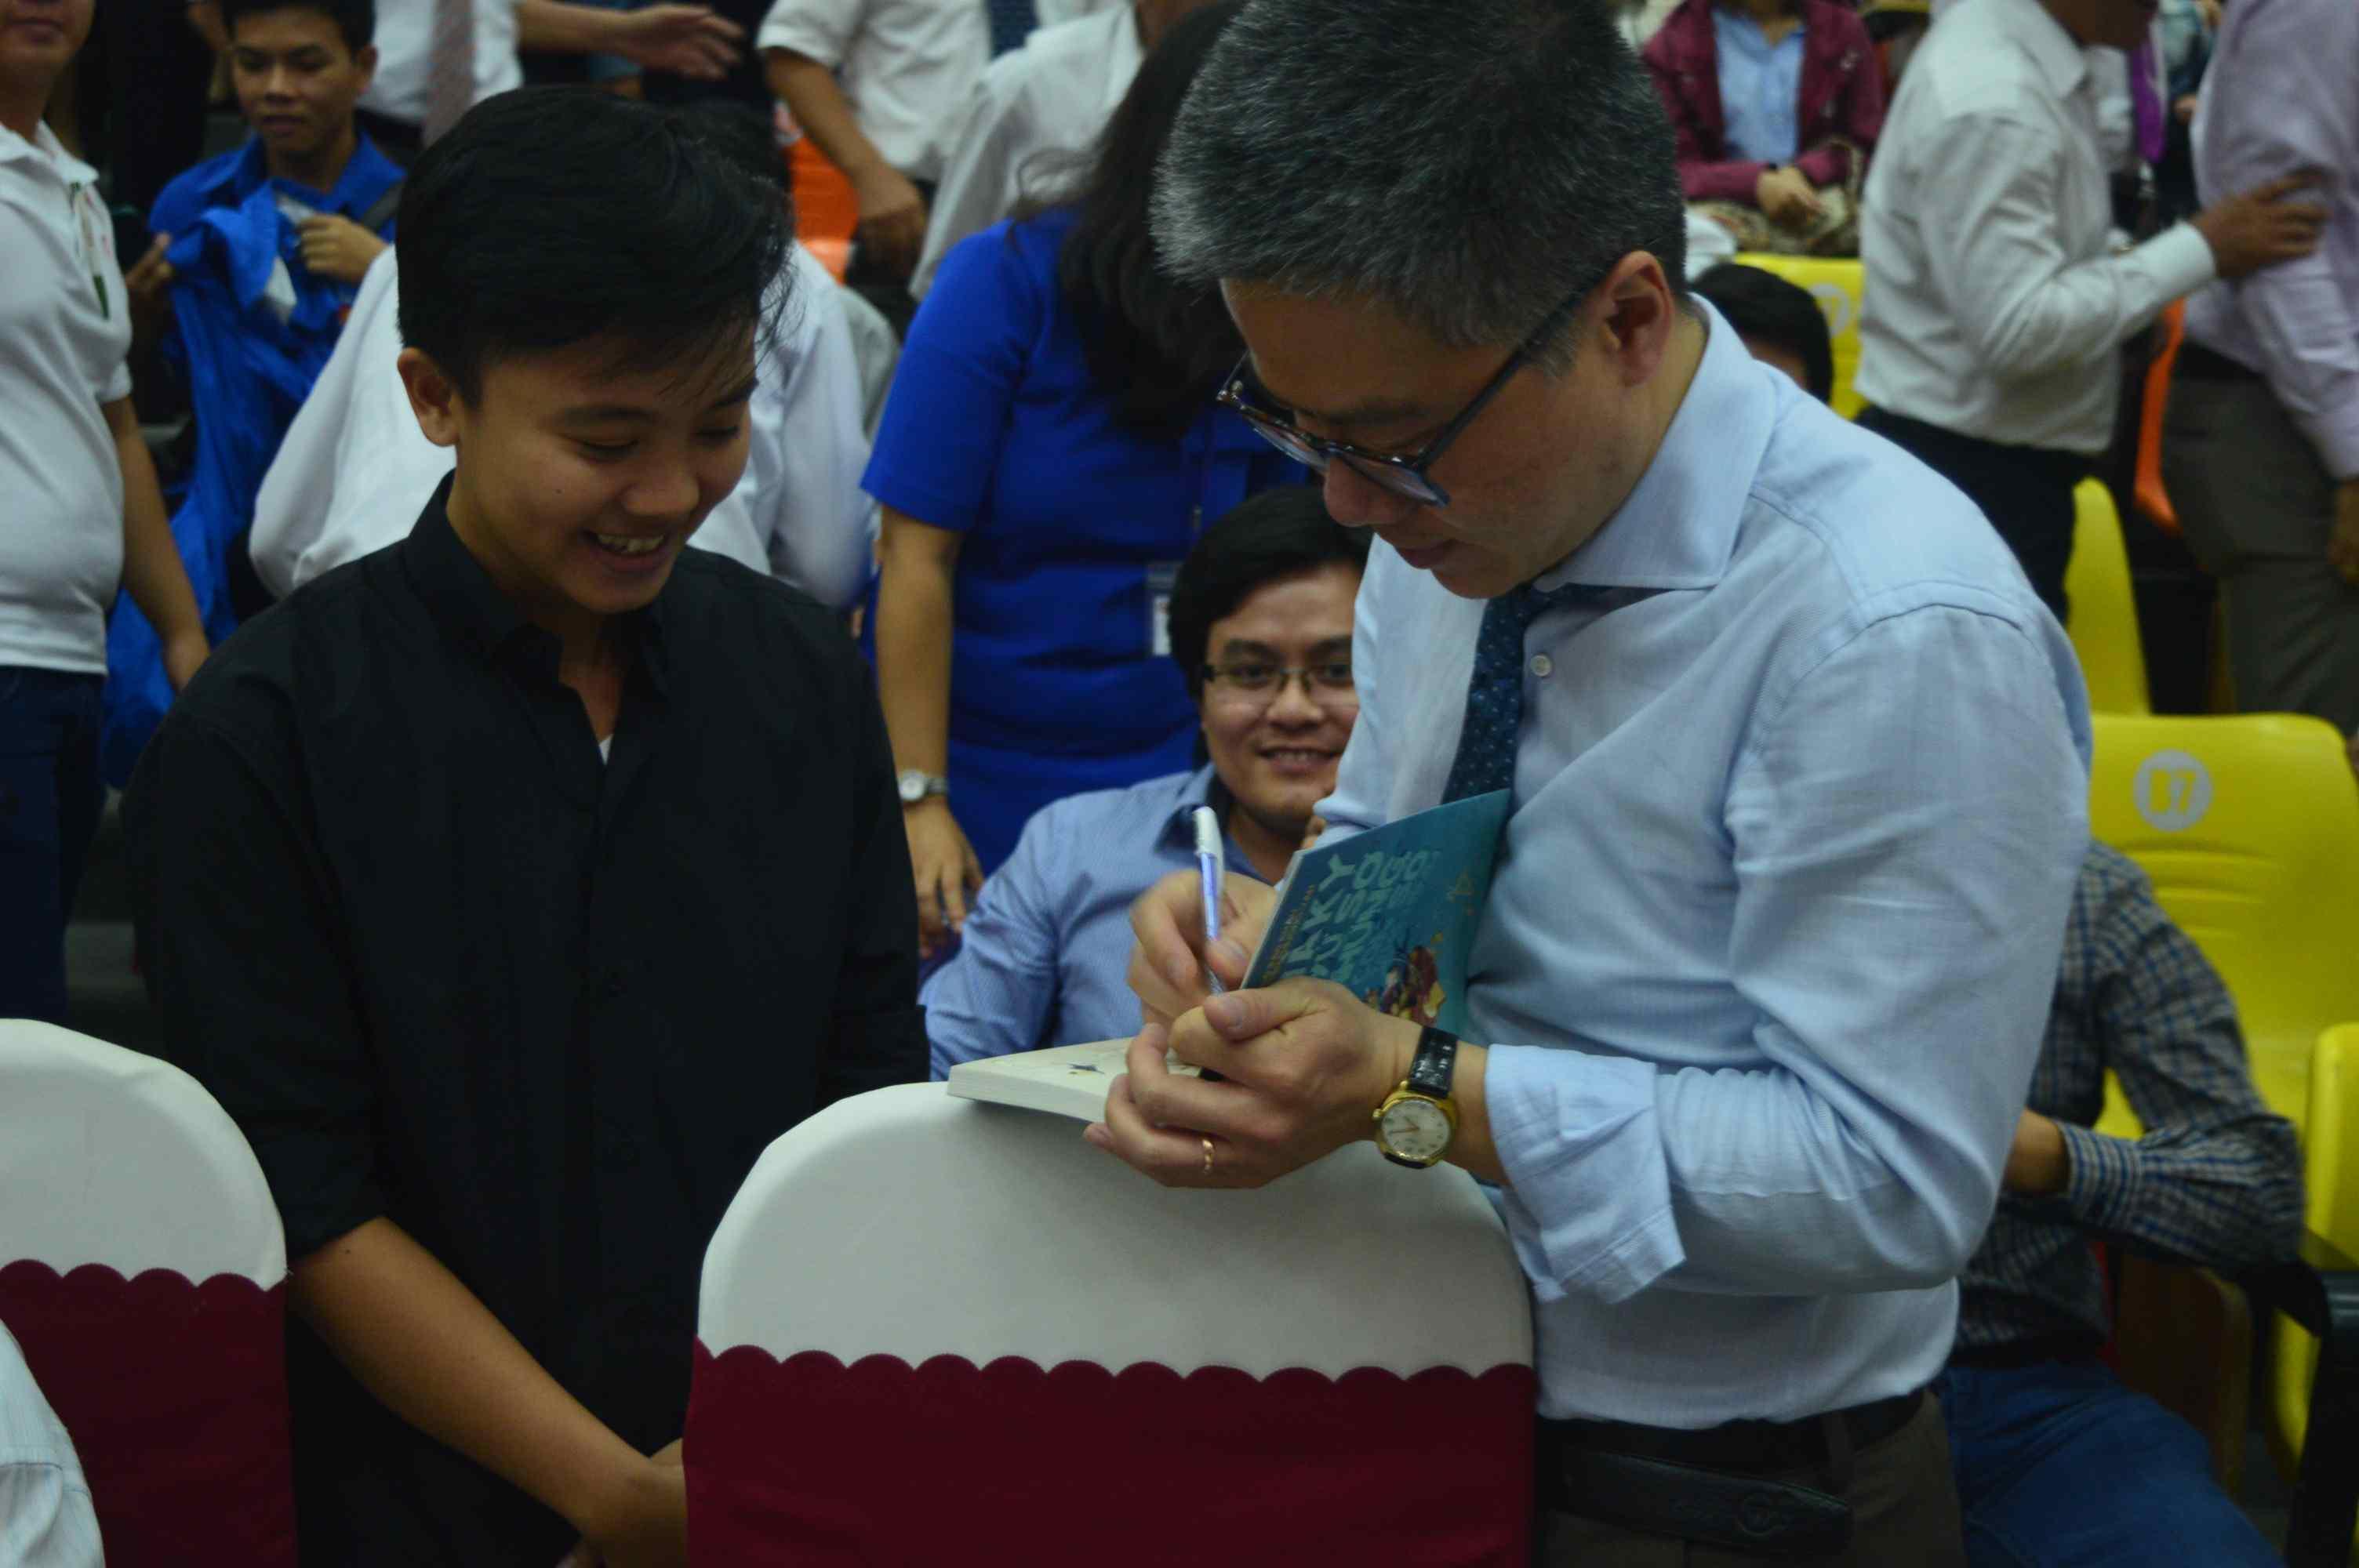 GS. Ngô Bảo Châu kí tặng sinh viên vào cuối chương trình. Ảnh: Q.T